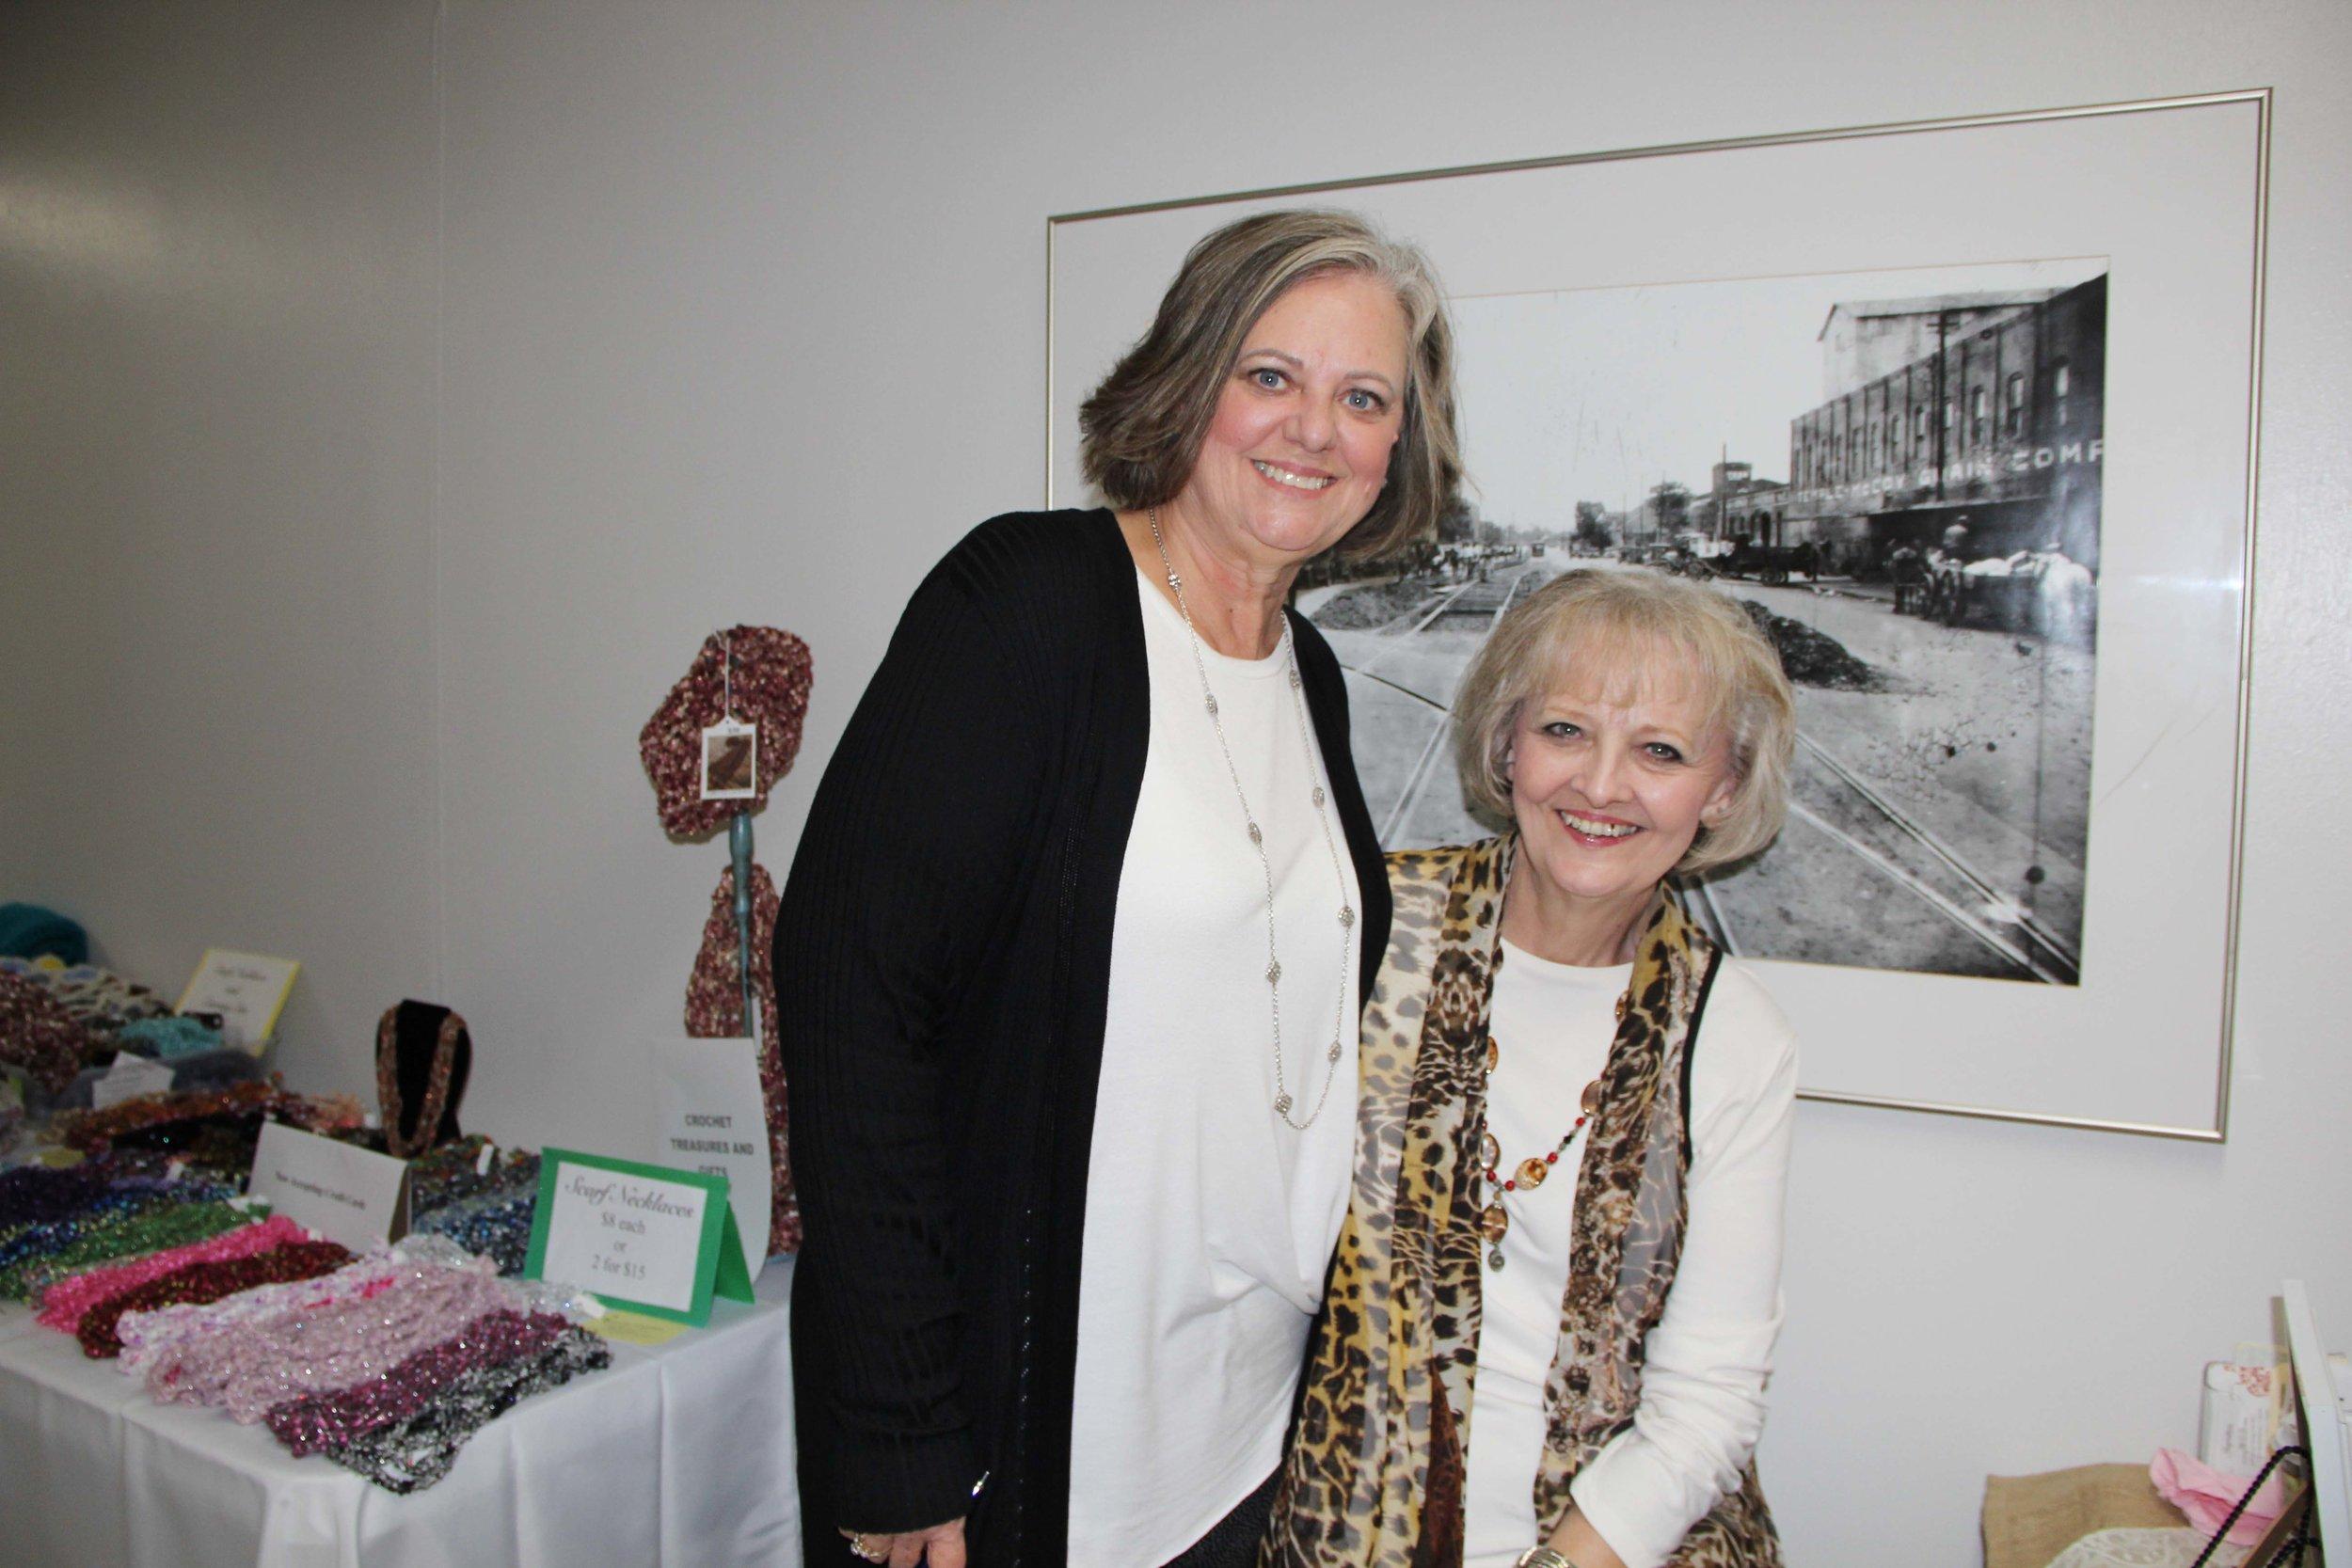 Pam Lindsey and Peggy Whisenhunt